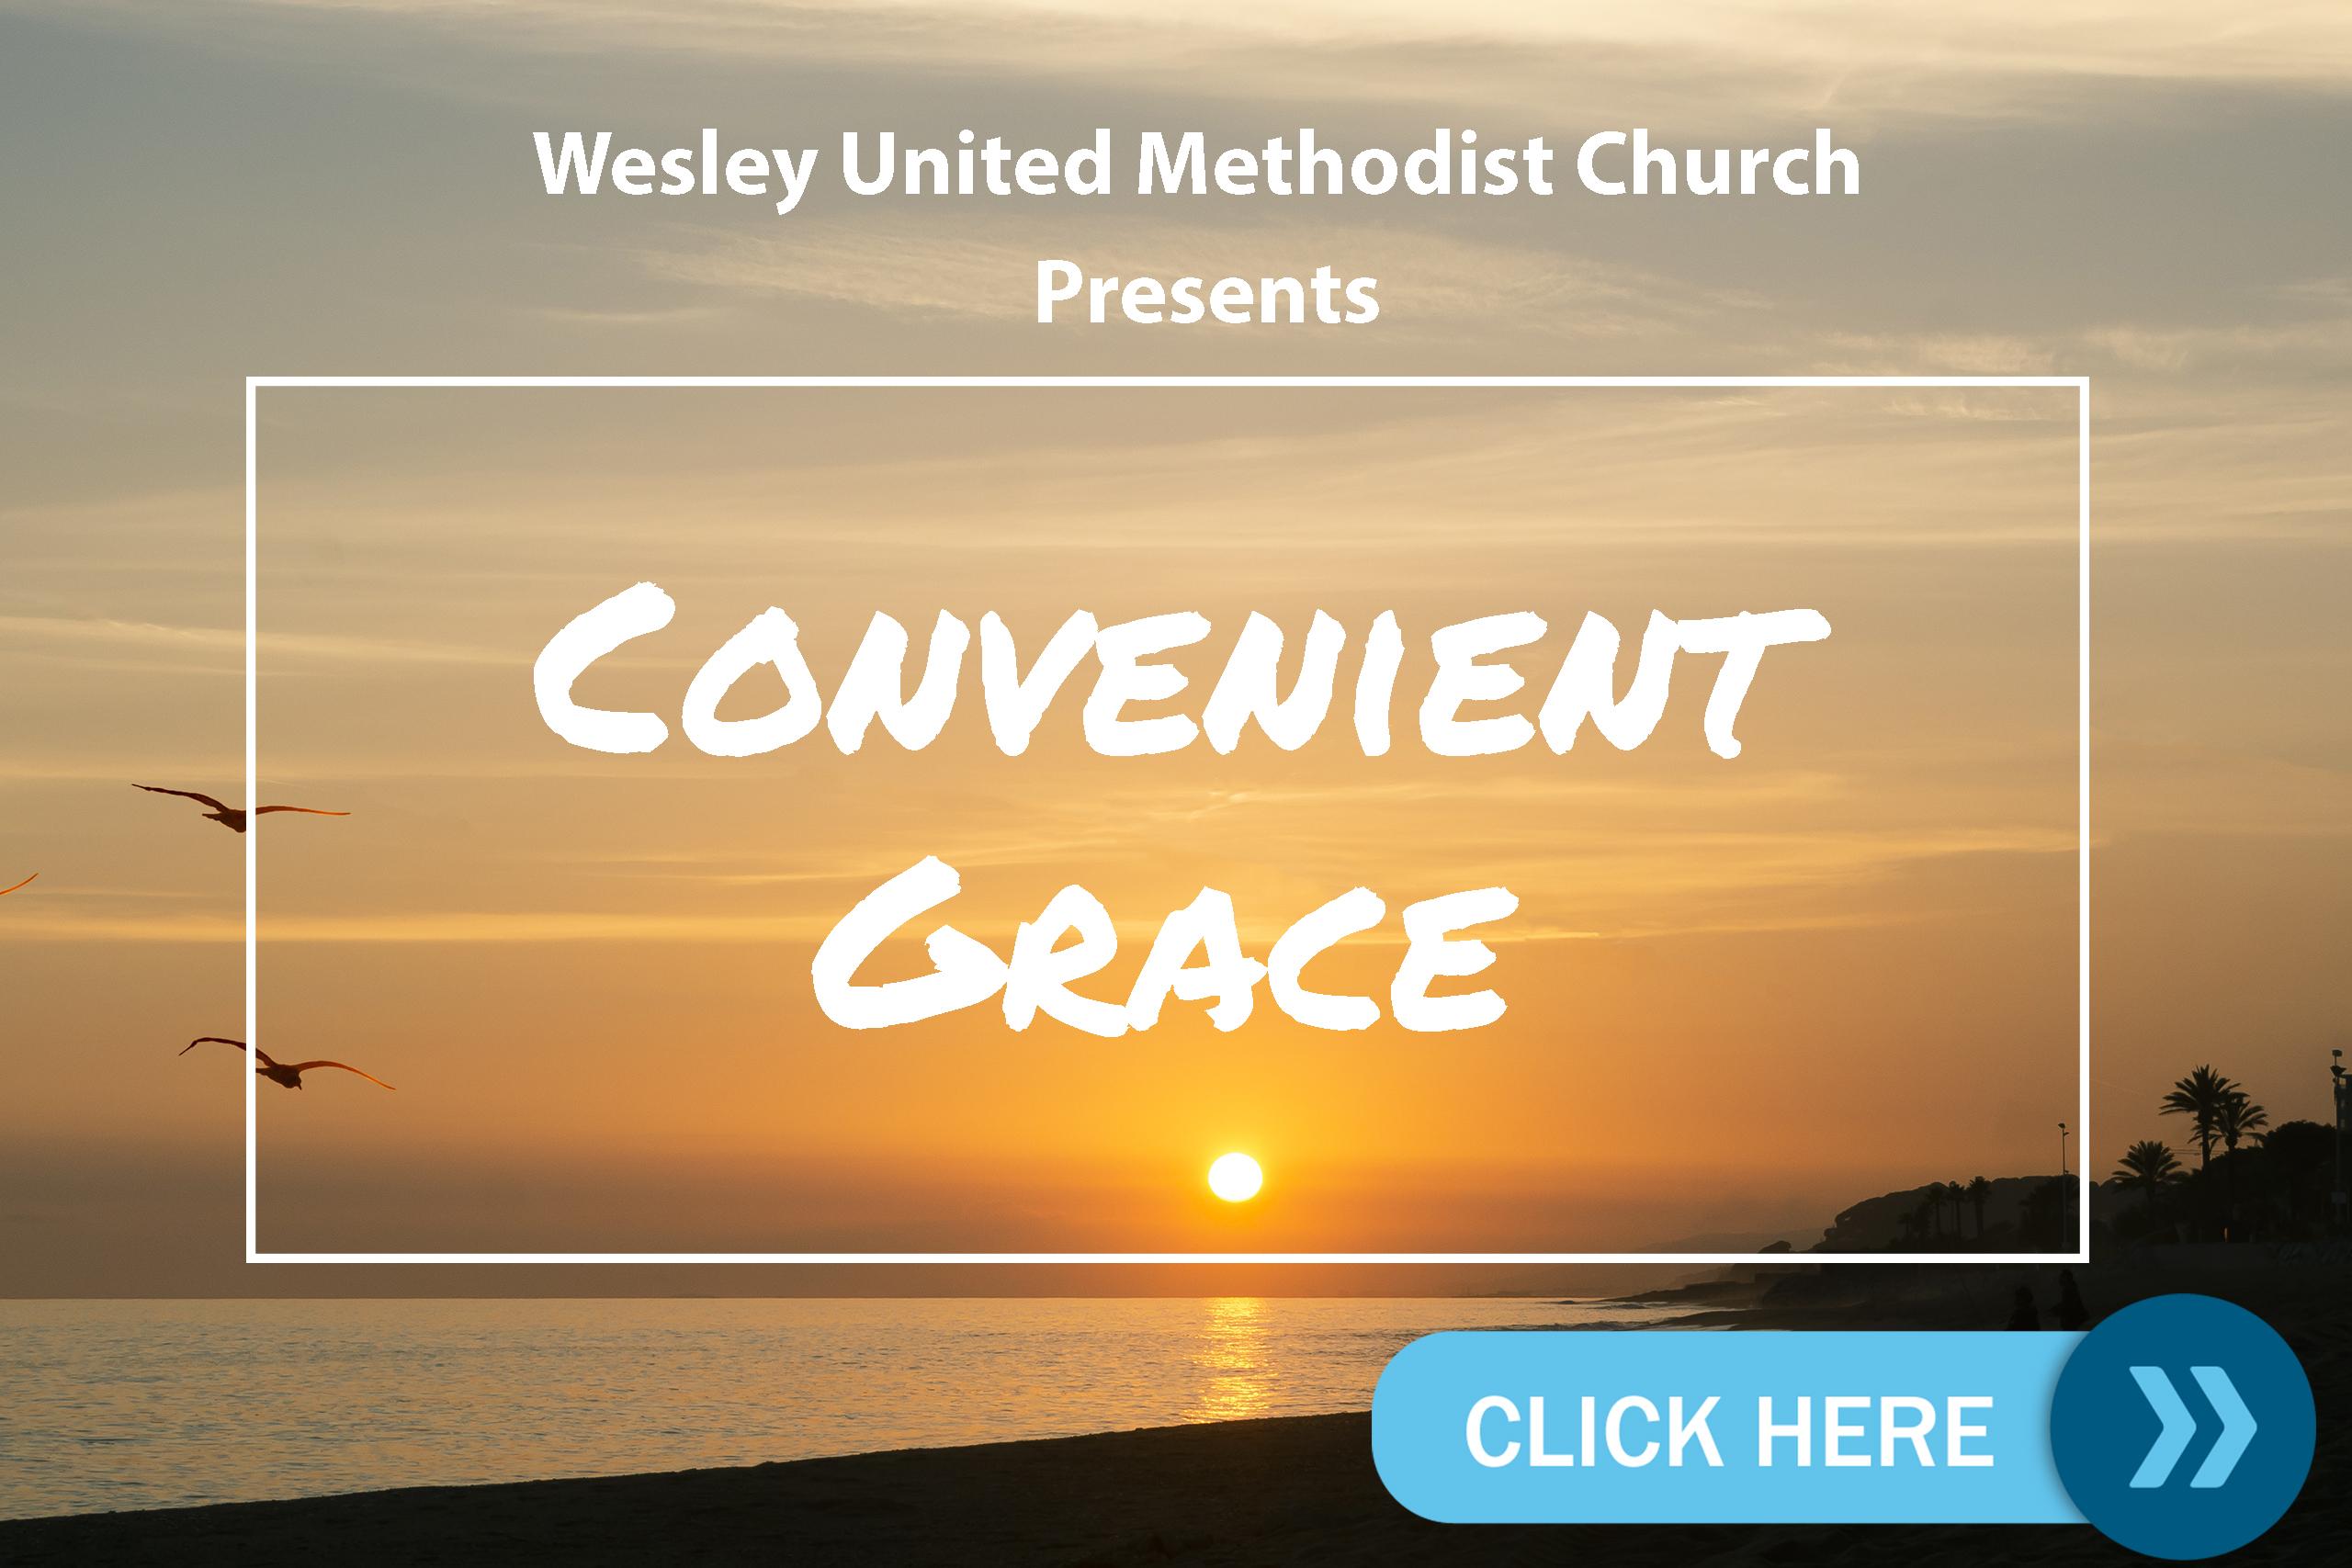 Convenient Grace